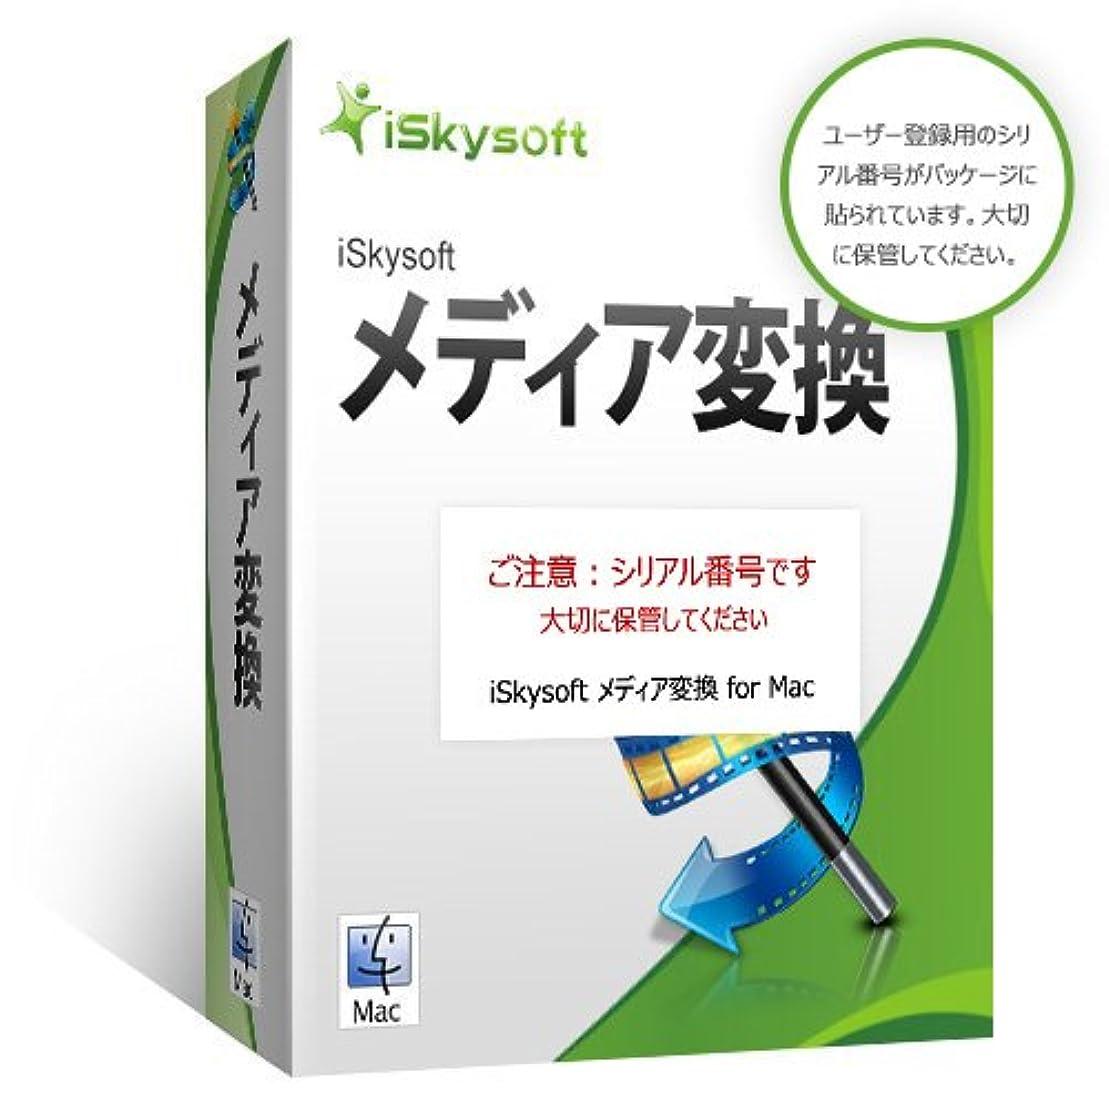 パートナーお父さん二次iSkysoft メディア変換 for Mac 動画変換ソフト MP4 変換 mac ビデオを変換 マック 動画ダウンロード M4V MOV変換